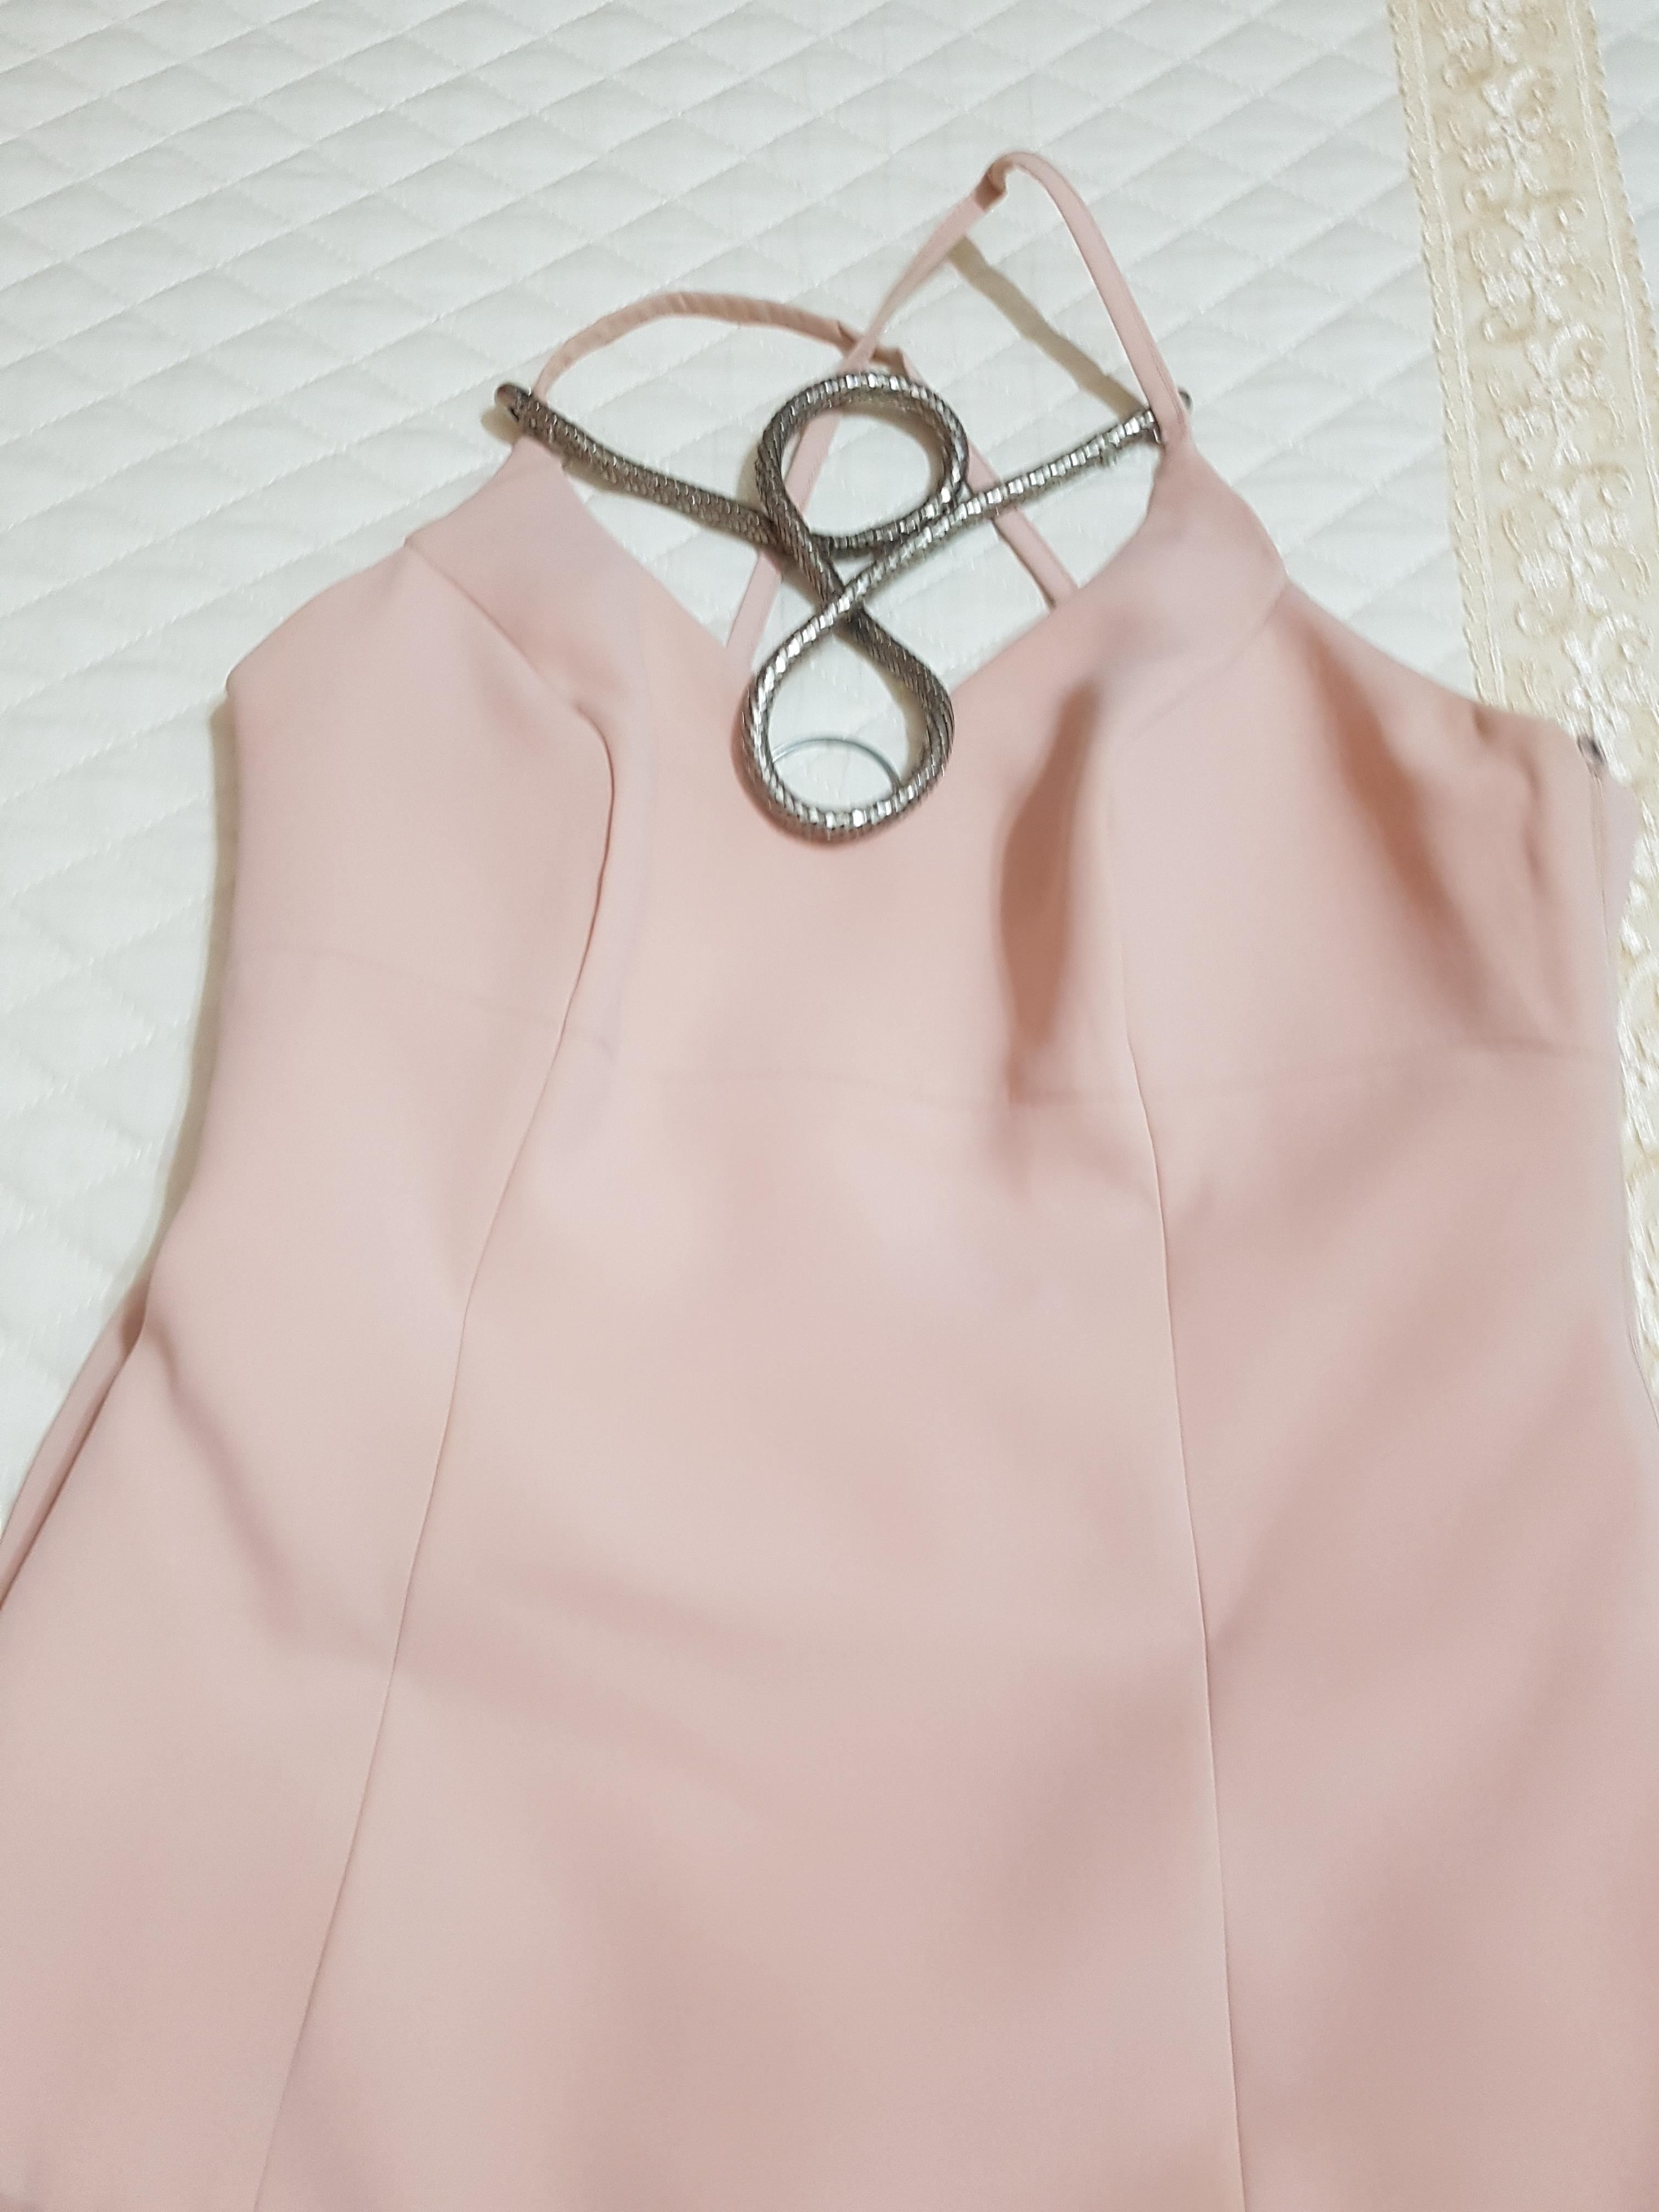 Vendo abito da cerimonia da donna taglia 44